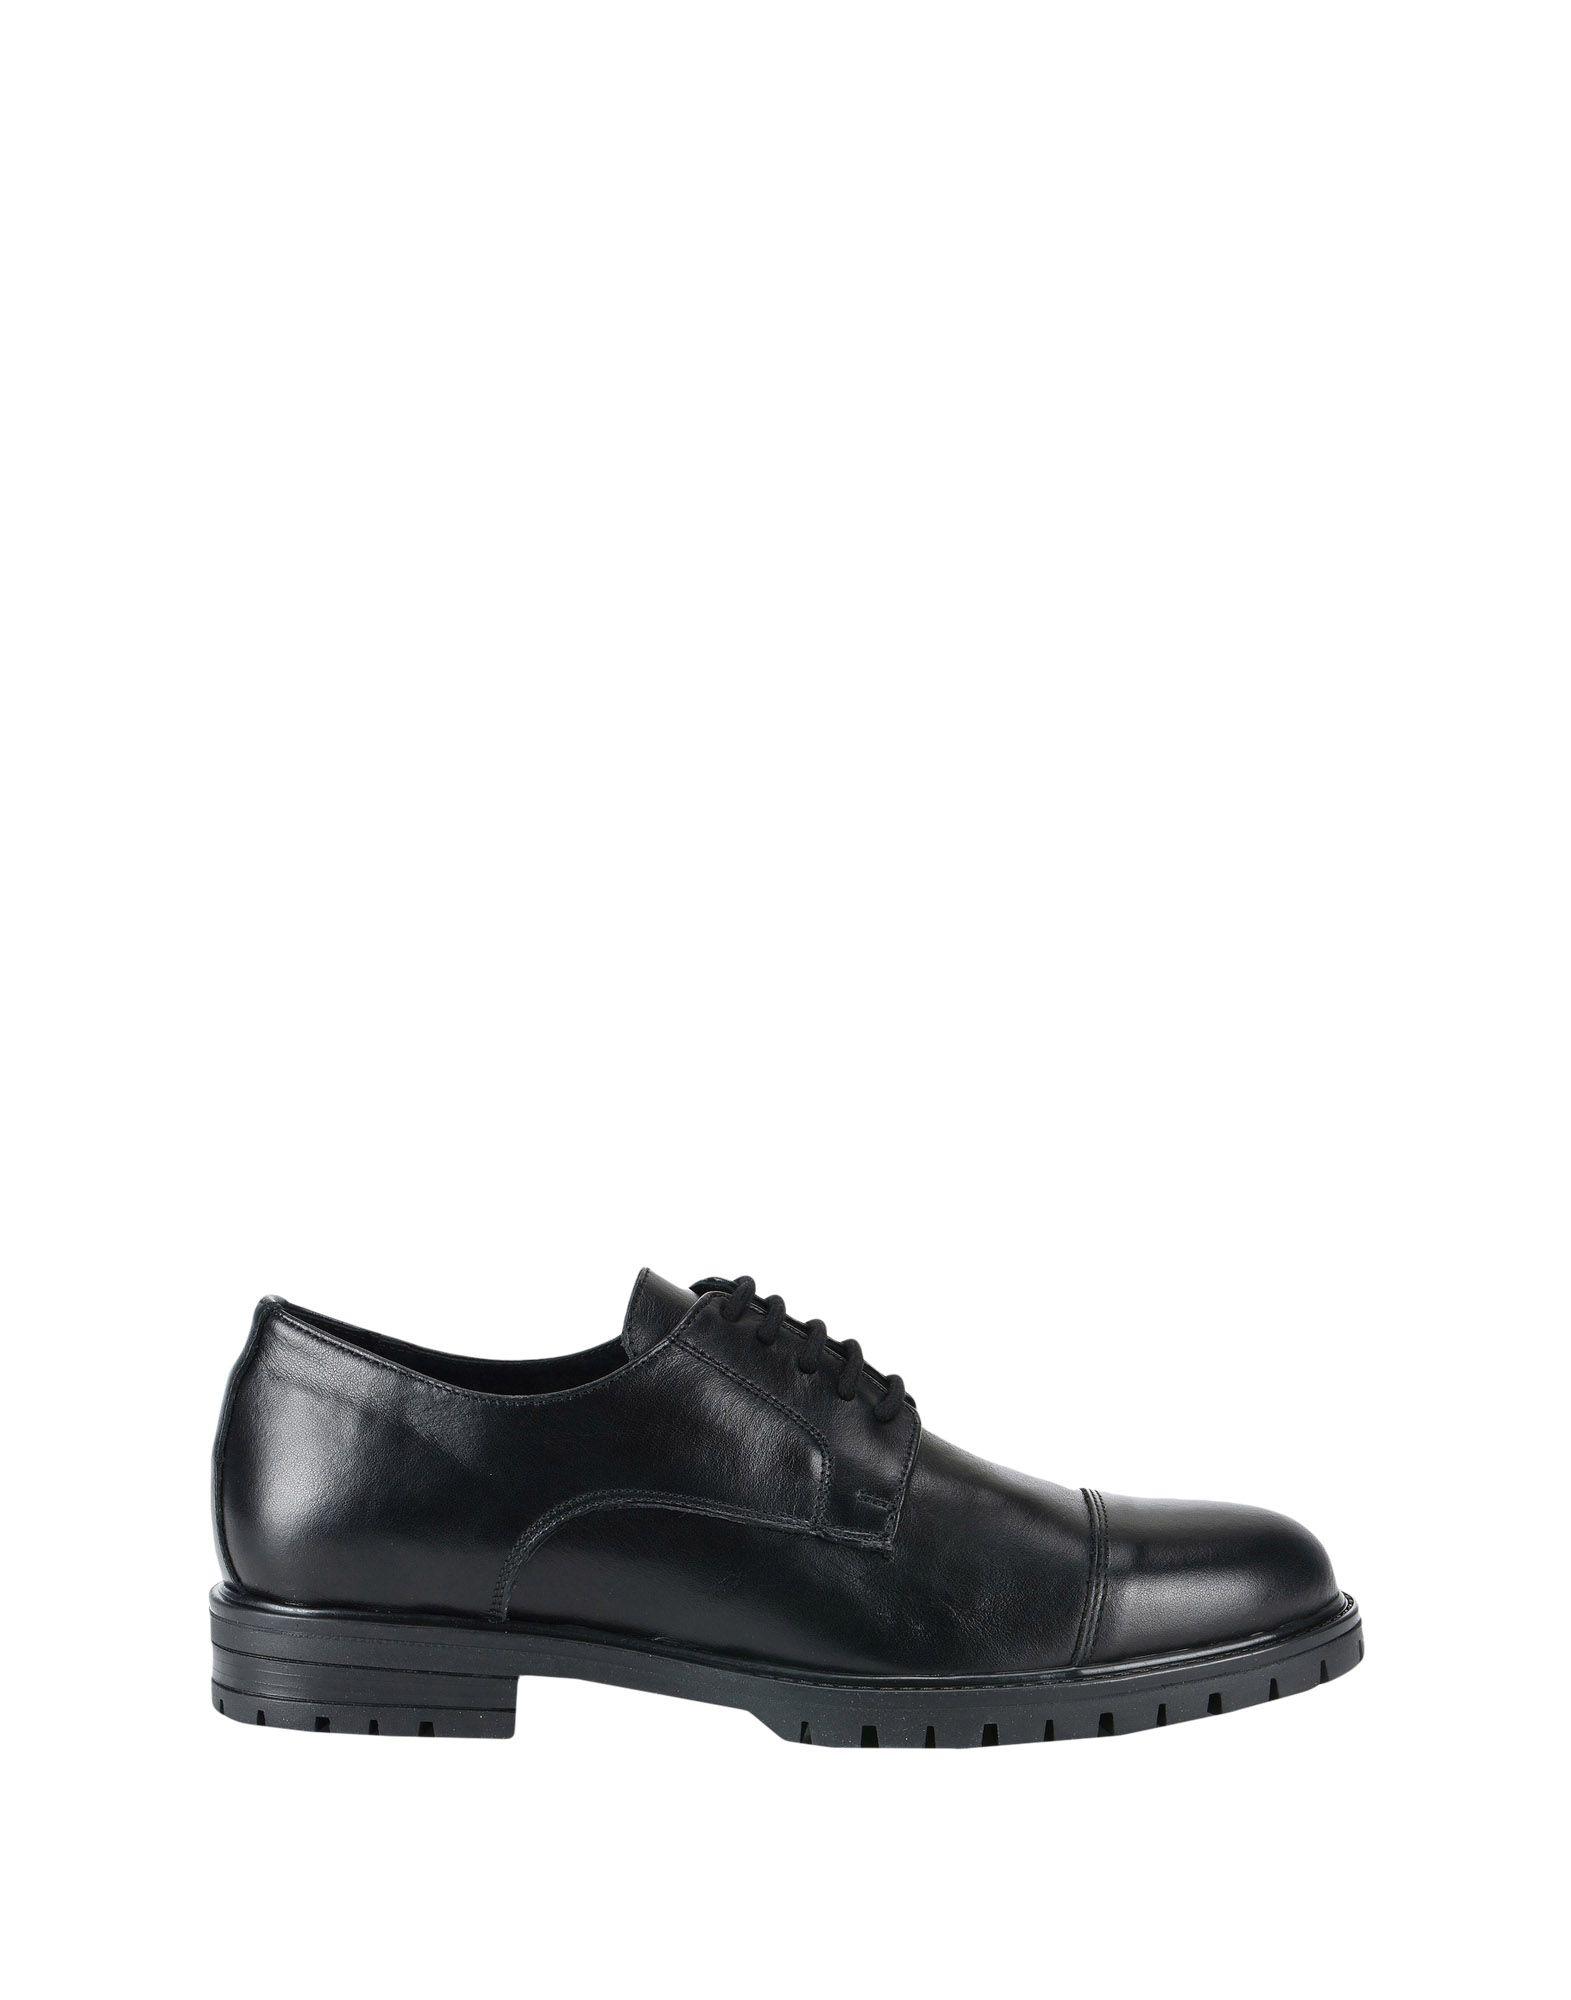 YLATI HERITAGE Обувь на шнурках первый внутри обувь обувь обувь обувь обувь обувь обувь обувь обувь 8a2549 мужская армия green 40 метров